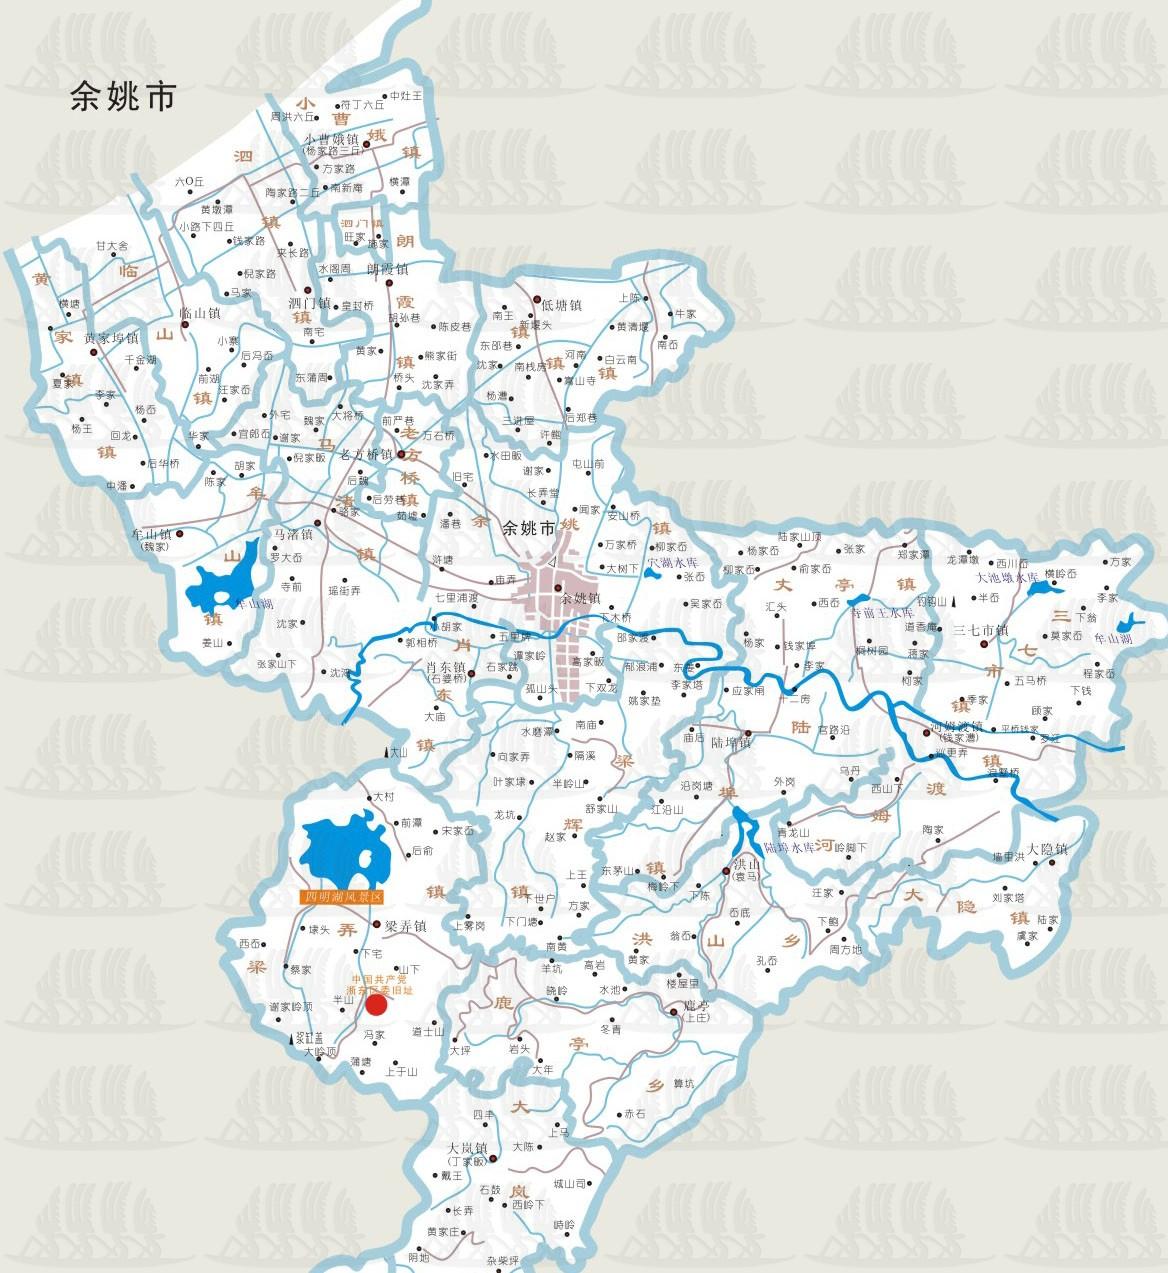 宁波南站到慈溪地图